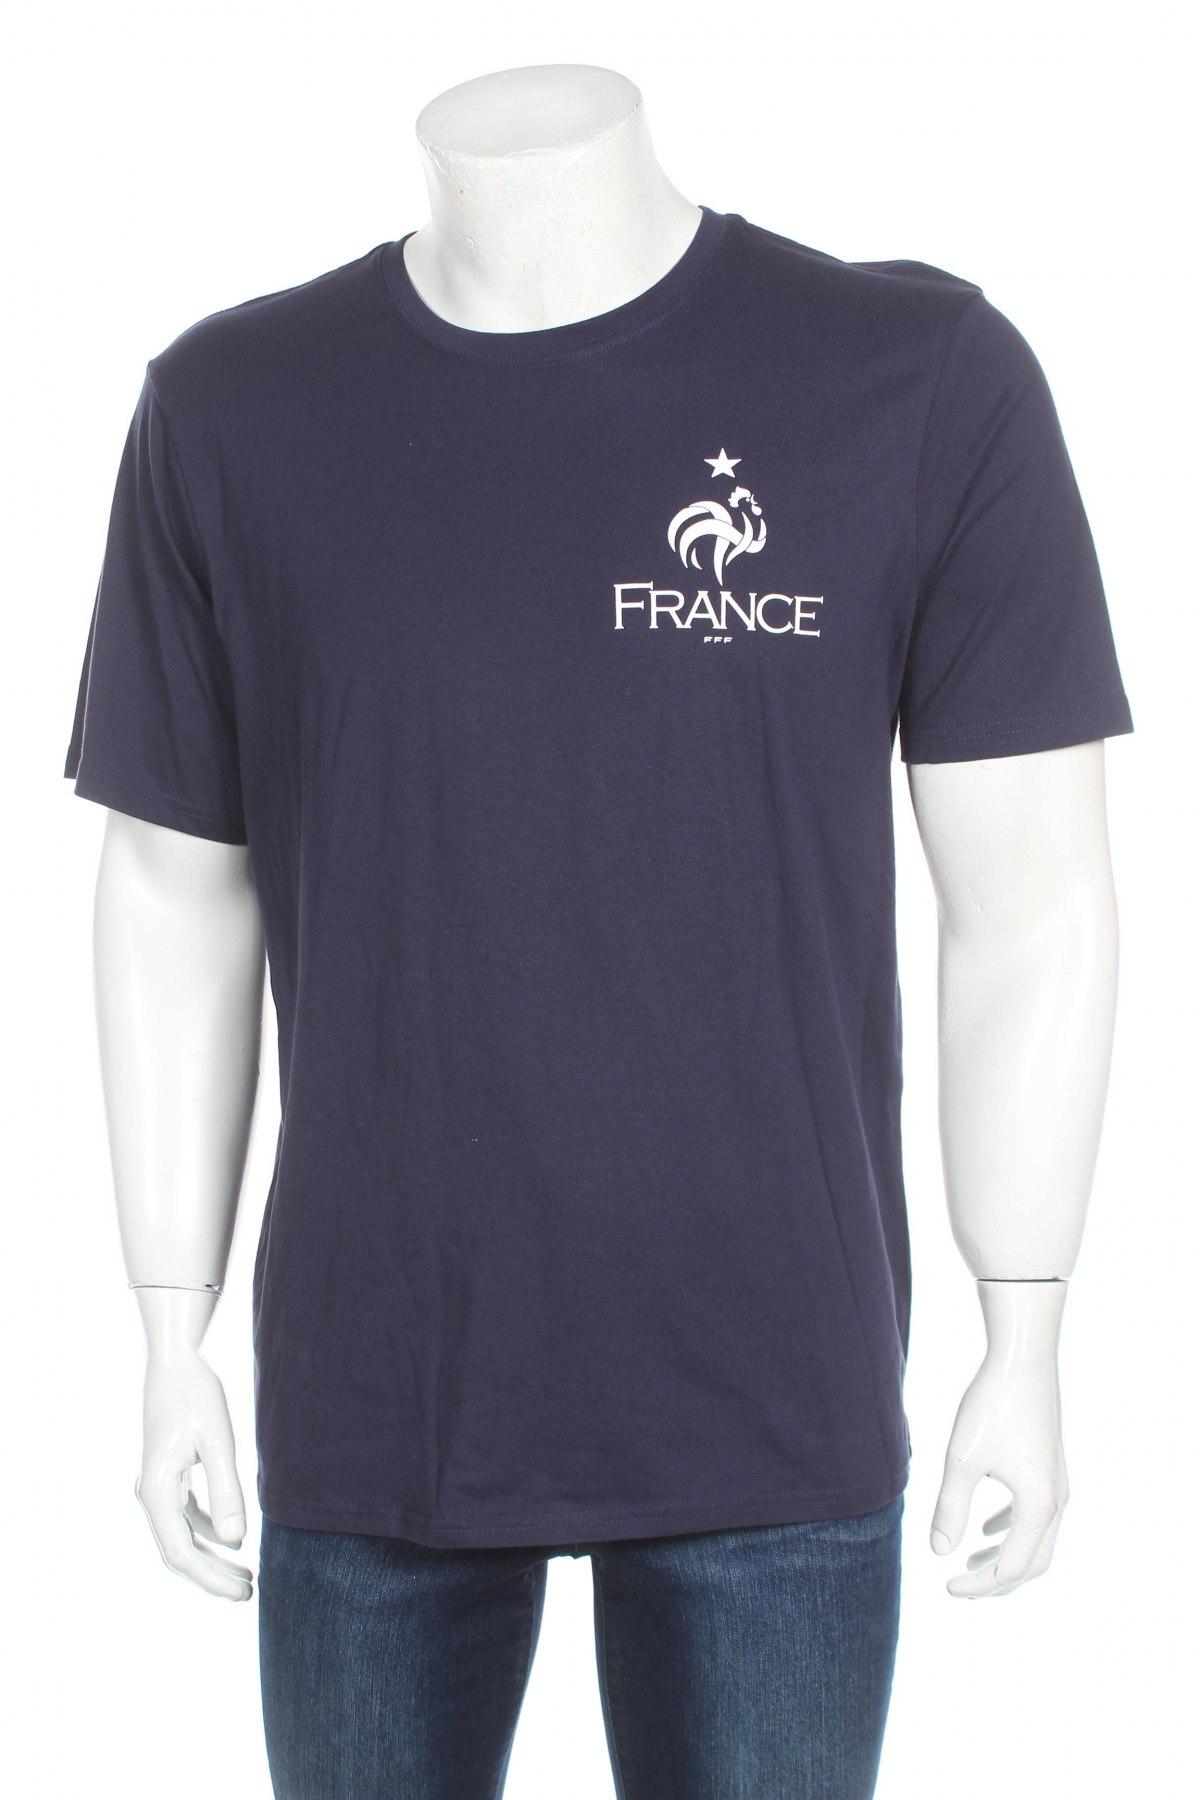 Мъжка тениска FFF France, Размер L, Цвят Син, Памук, Цена 15,60лв.